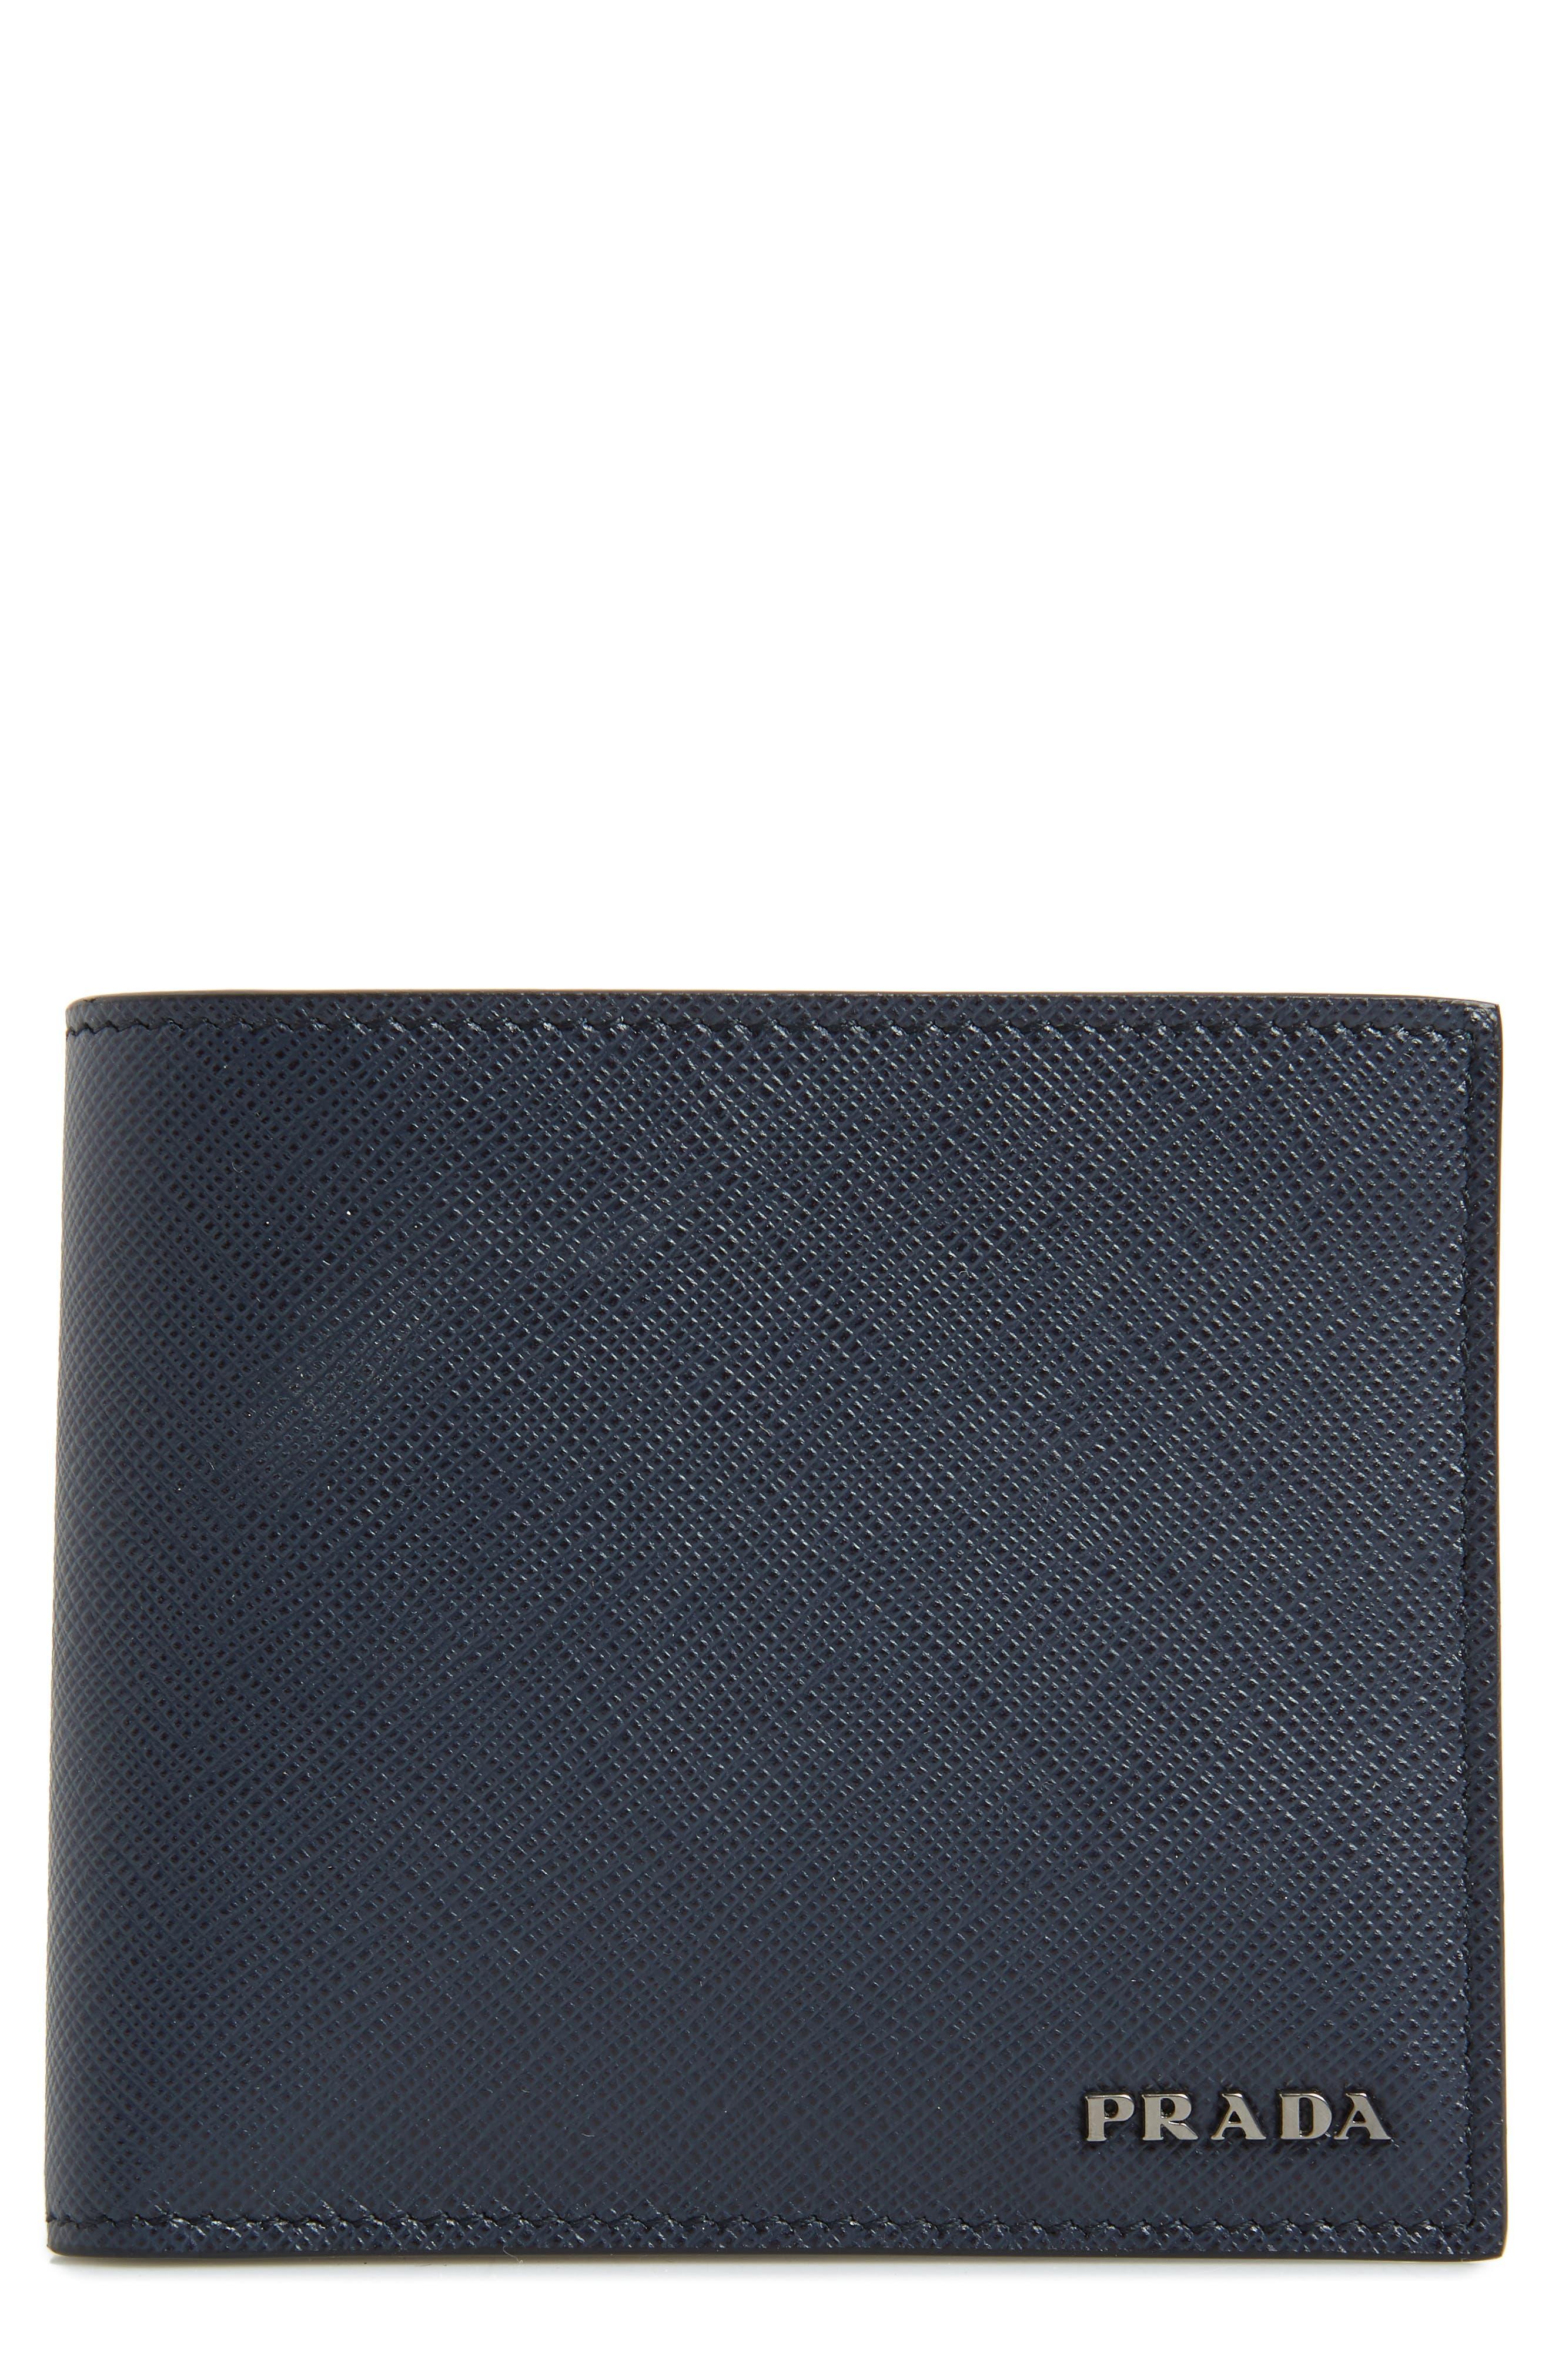 Bicolor Leather Wallet,                             Main thumbnail 1, color,                             Baltico+Ot